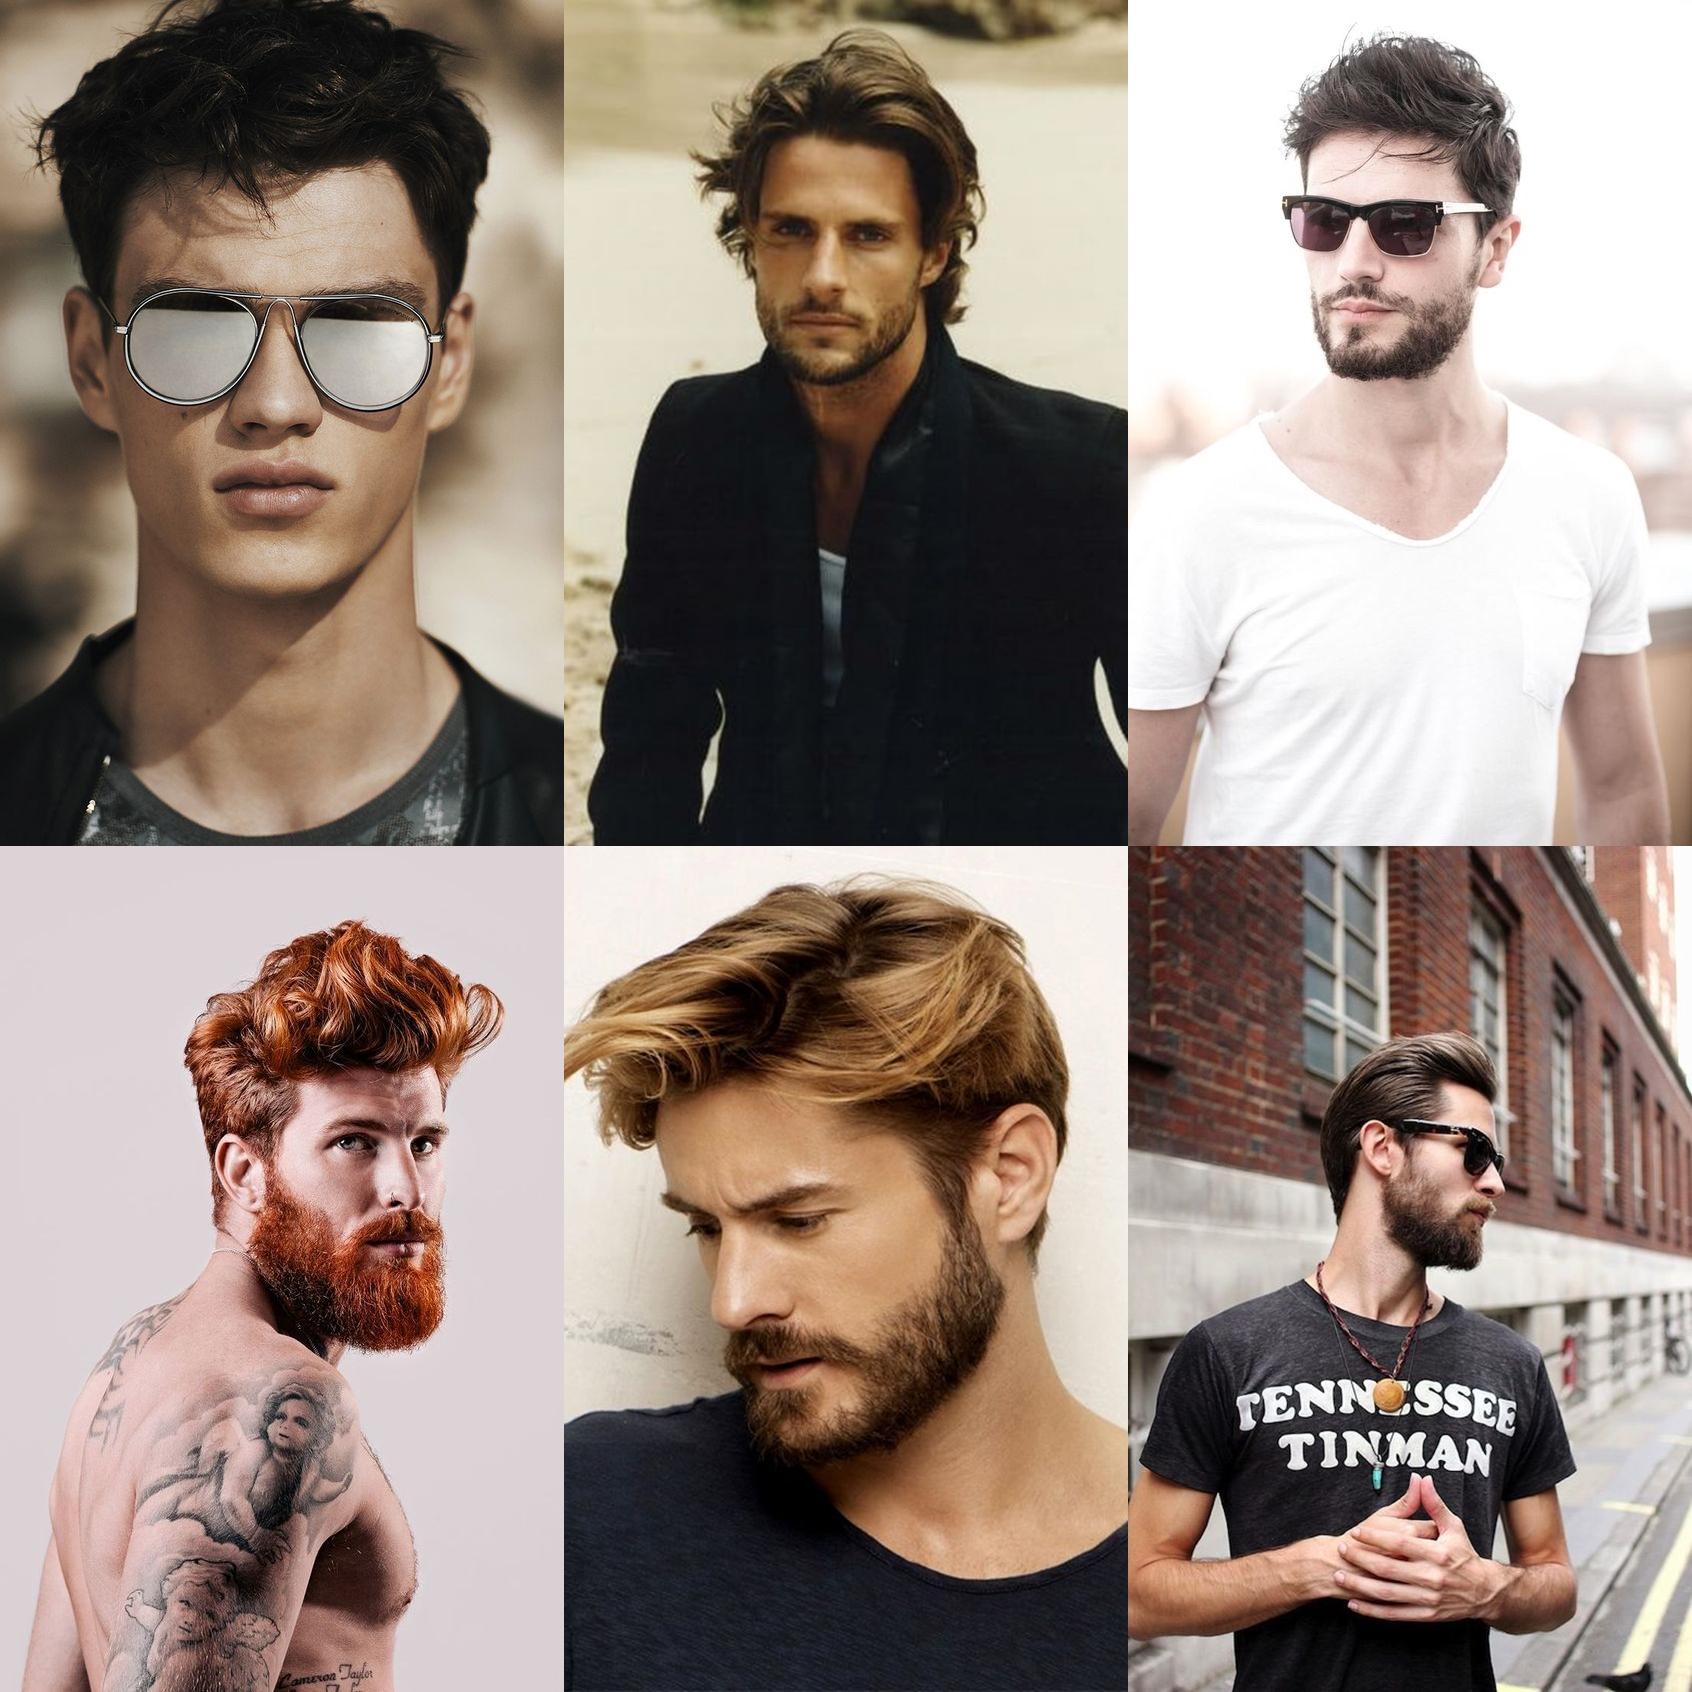 corte de cabelo masculino 2017, cortes 2017, cabelo 2017, haircut for men 2017, menswear, moda masculina, moda sem cenusra, alex cursino, youtuber, blogger, tips, dicas, (22)-tile